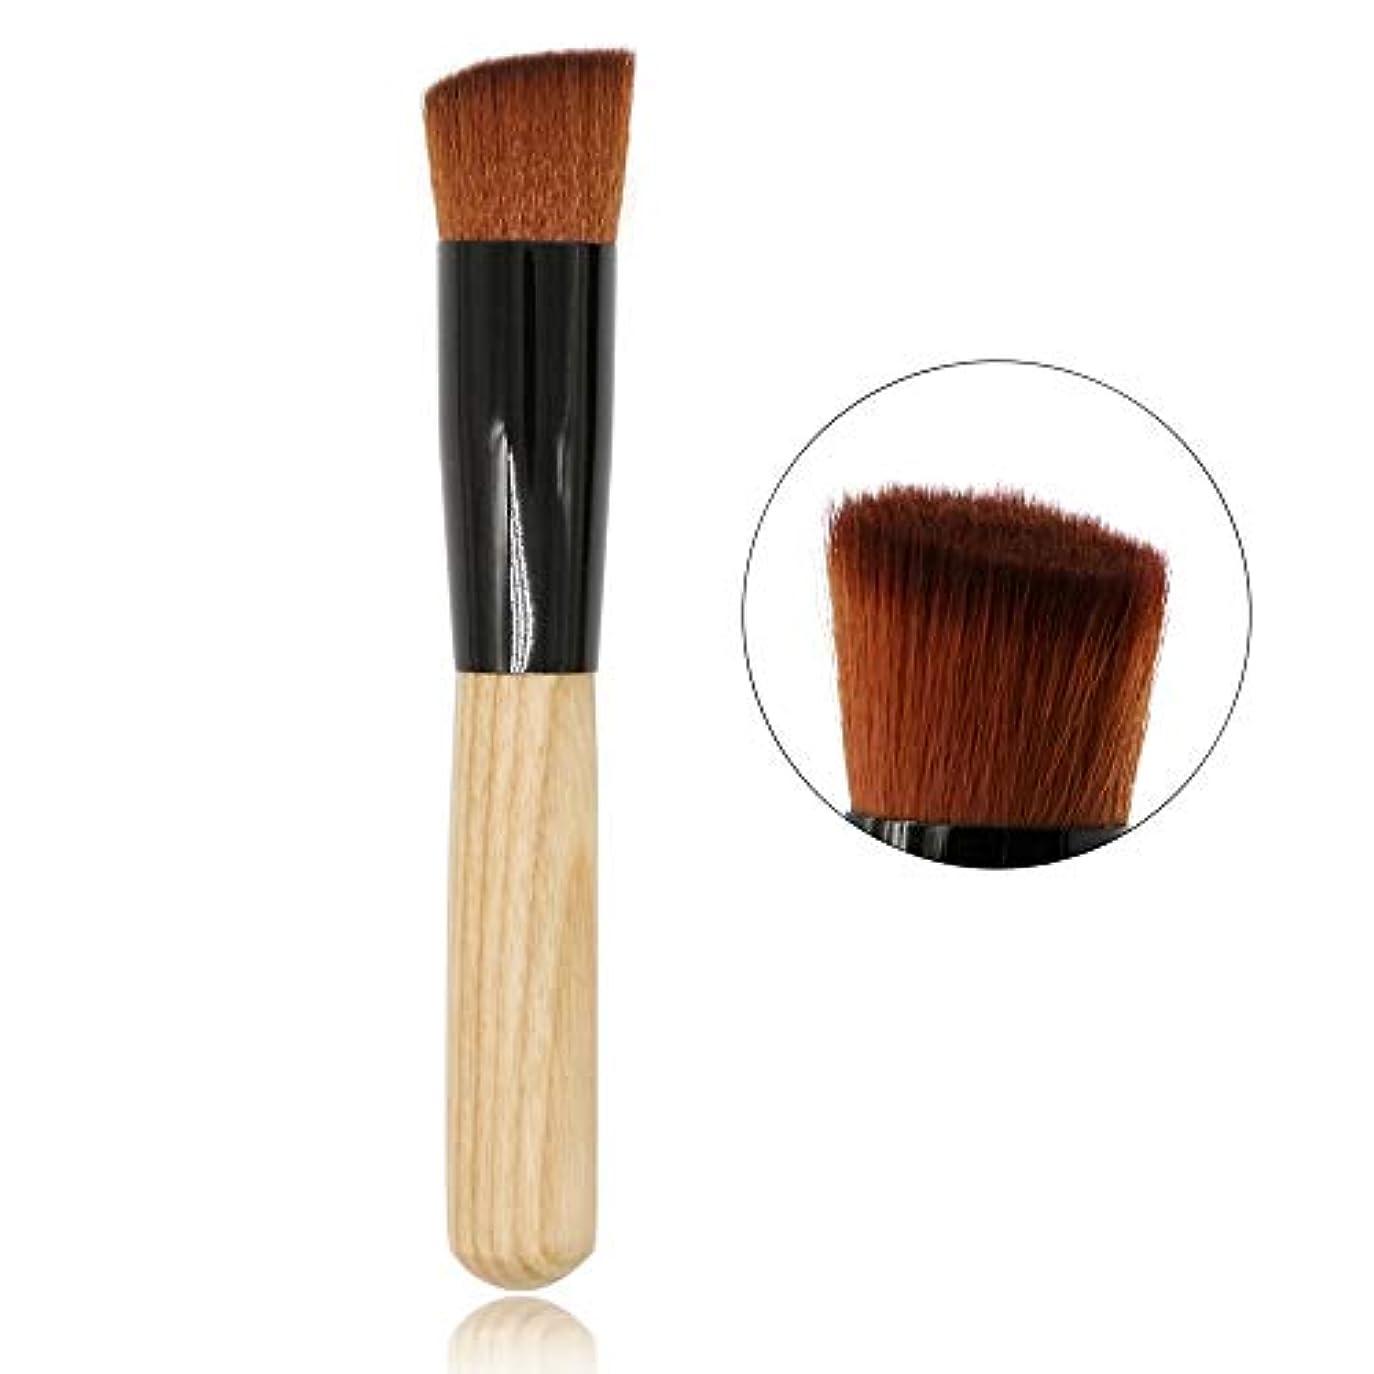 パドル頻繁に信頼CHANGYUXINTAI-HUAZHUANGSHUA 単一の基礎ブラシ、チークブラシを運ぶための木製のハンドル。 (Color : Wooden Color)